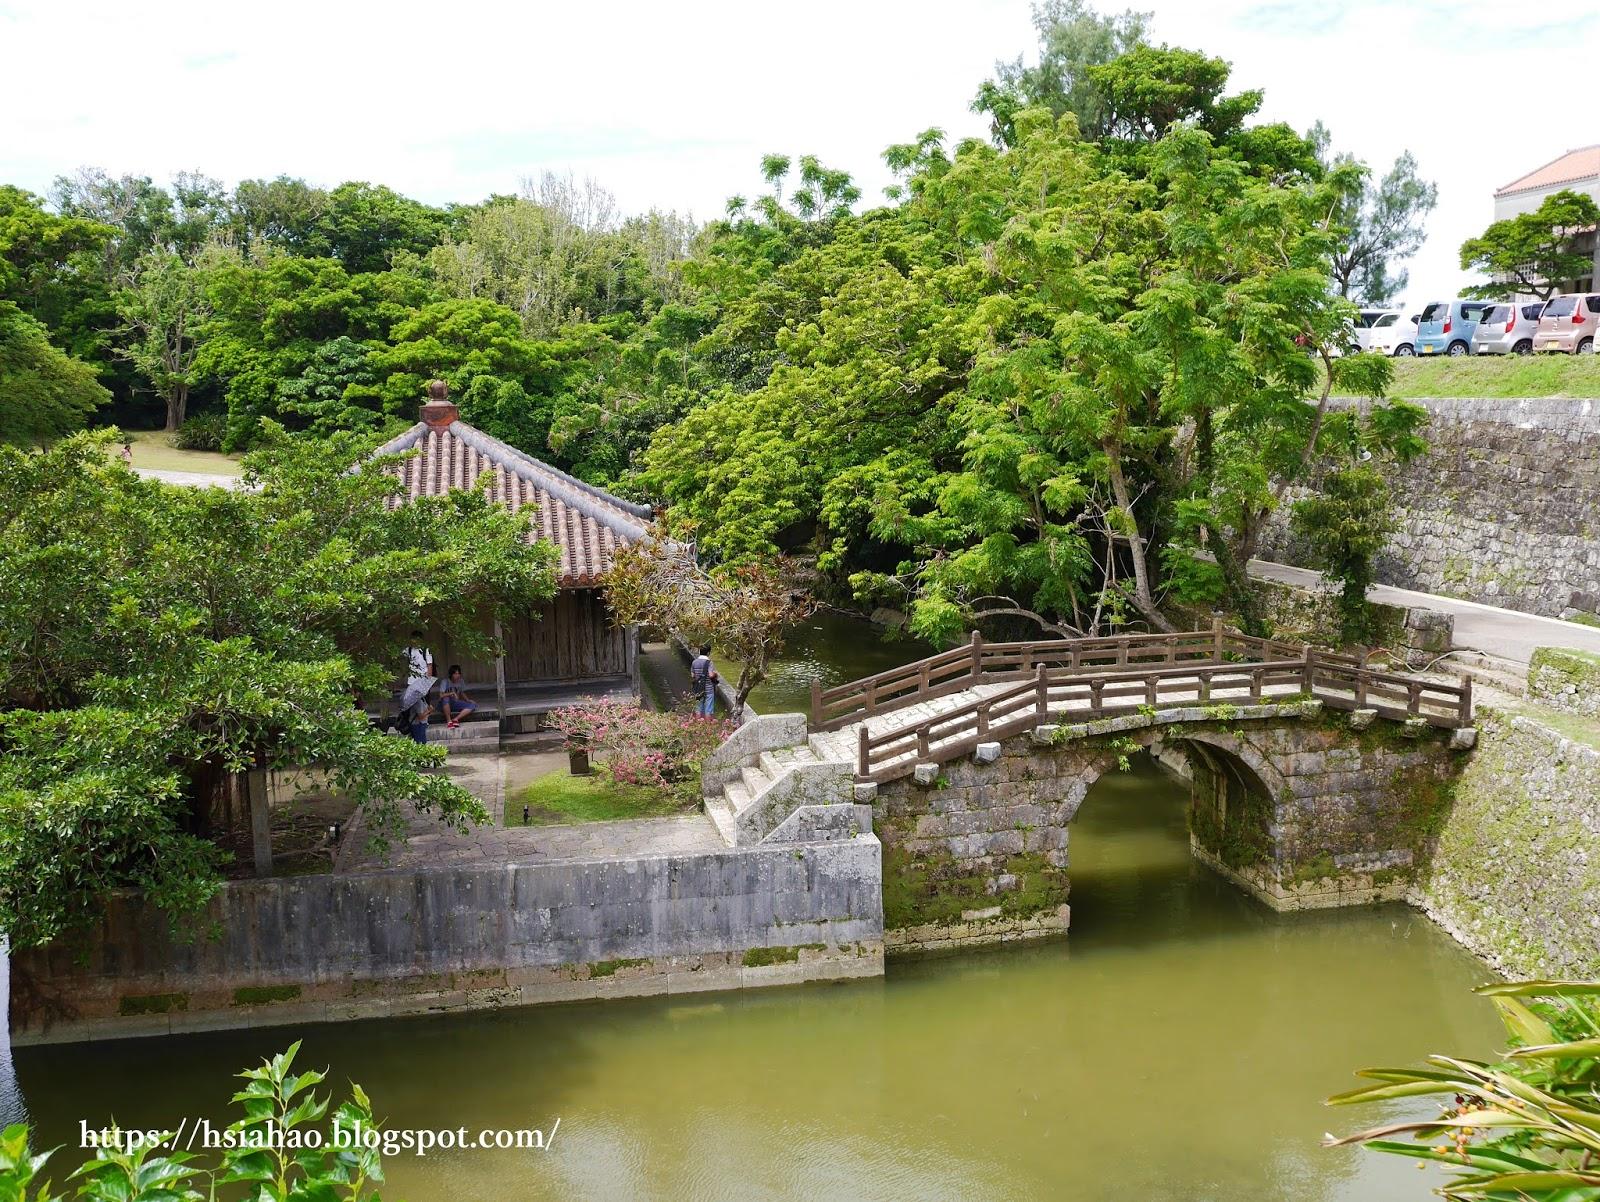 沖繩-景點-世界遺產-首里城-弁財天堂-日圓模範池塘-自由行-旅遊-旅行-Okinawa-Naha-Shuri-Castle